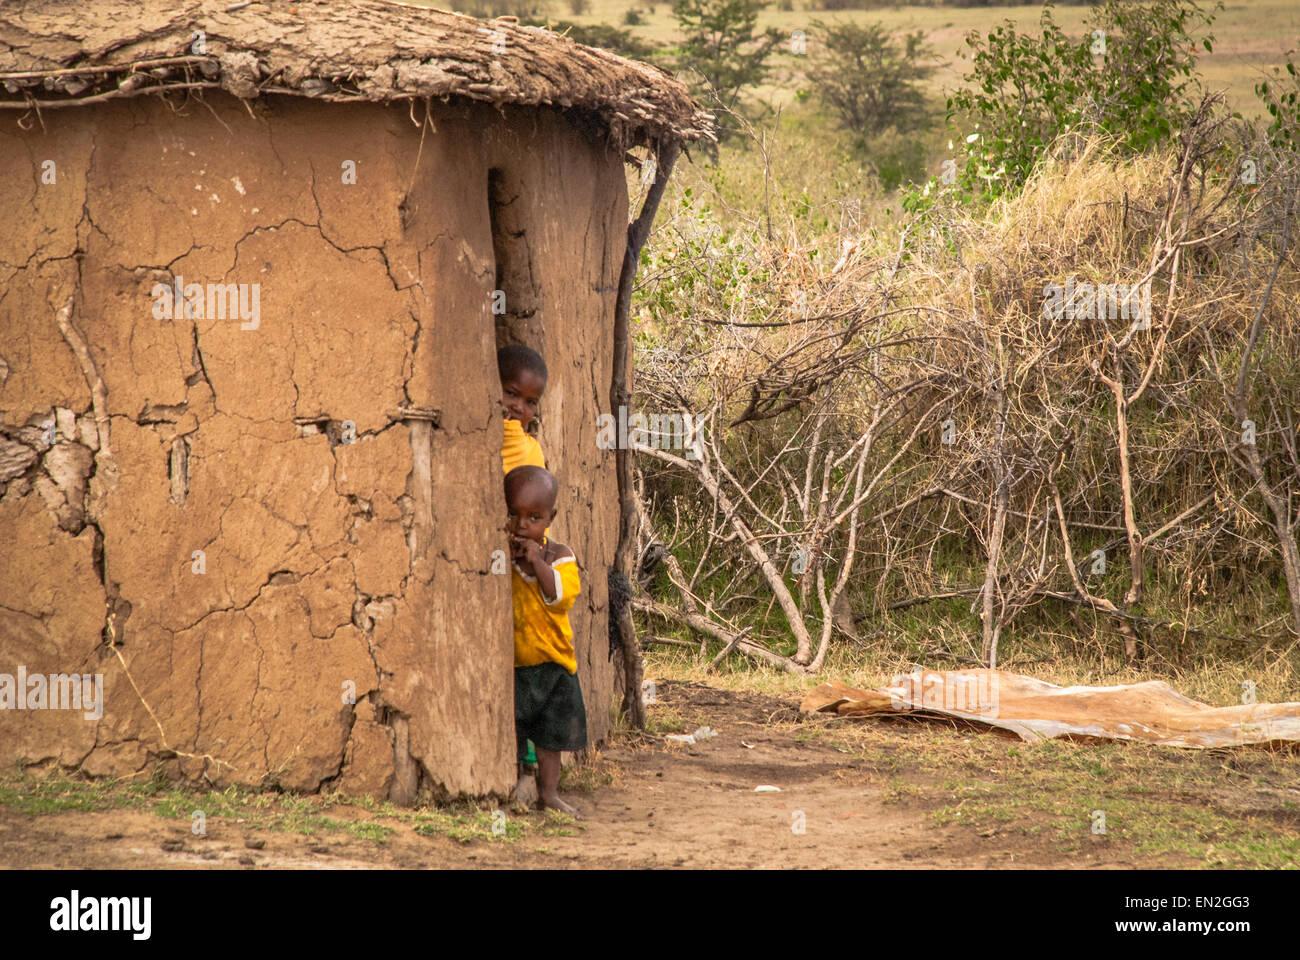 Dos pequeños niños masai asomarán desde una choza de barro en una aldea Masai. Las chozas forman Imagen De Stock